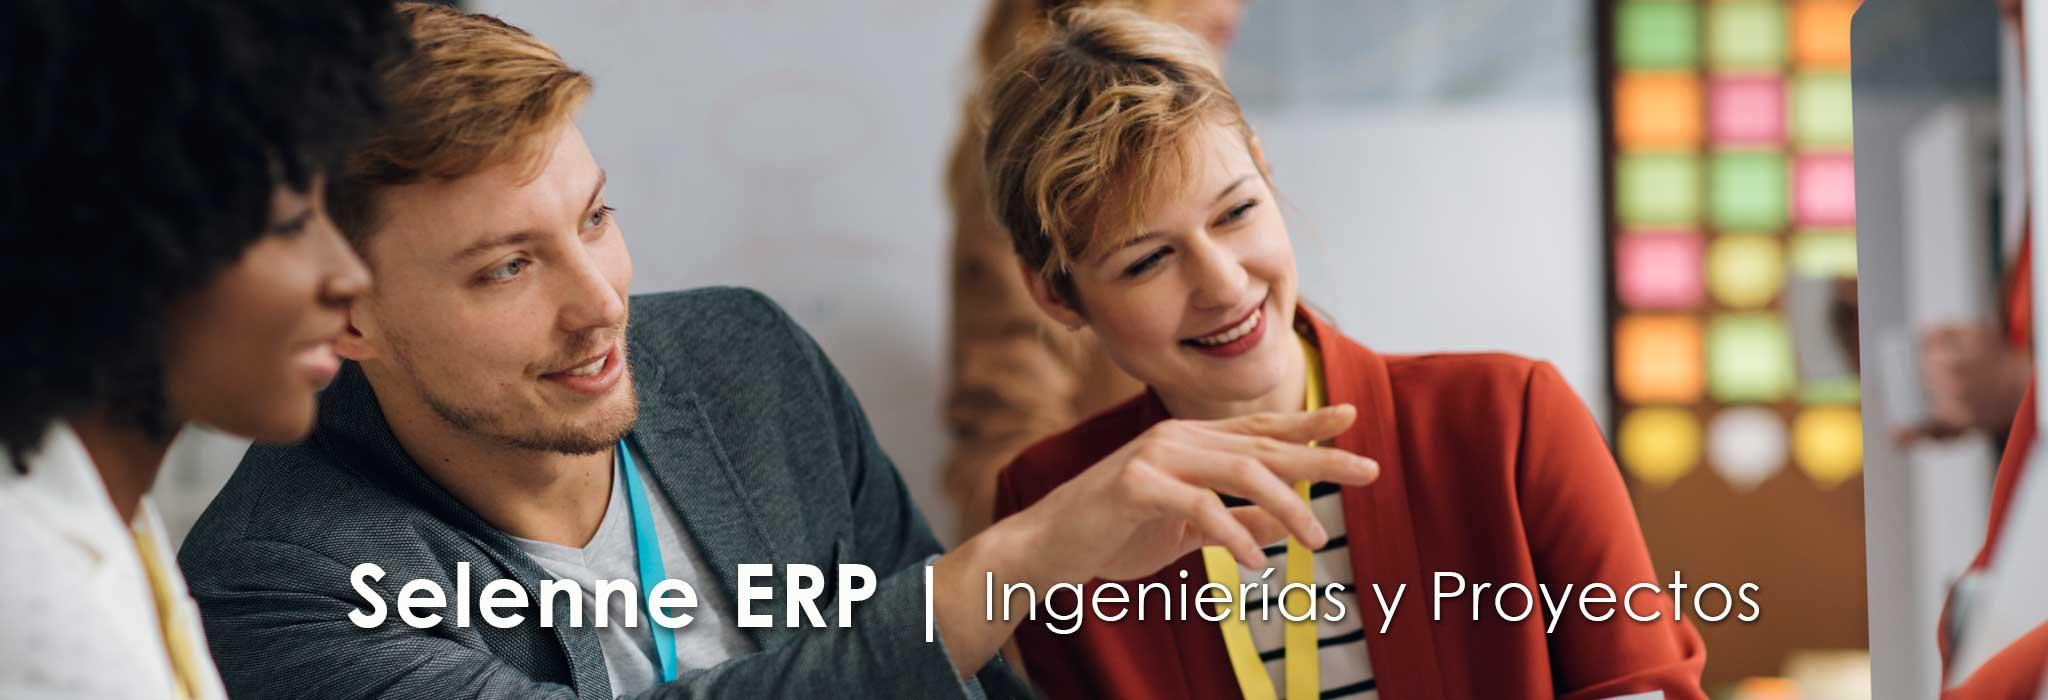 selenne-ERP-ingenierias-y-proyectos